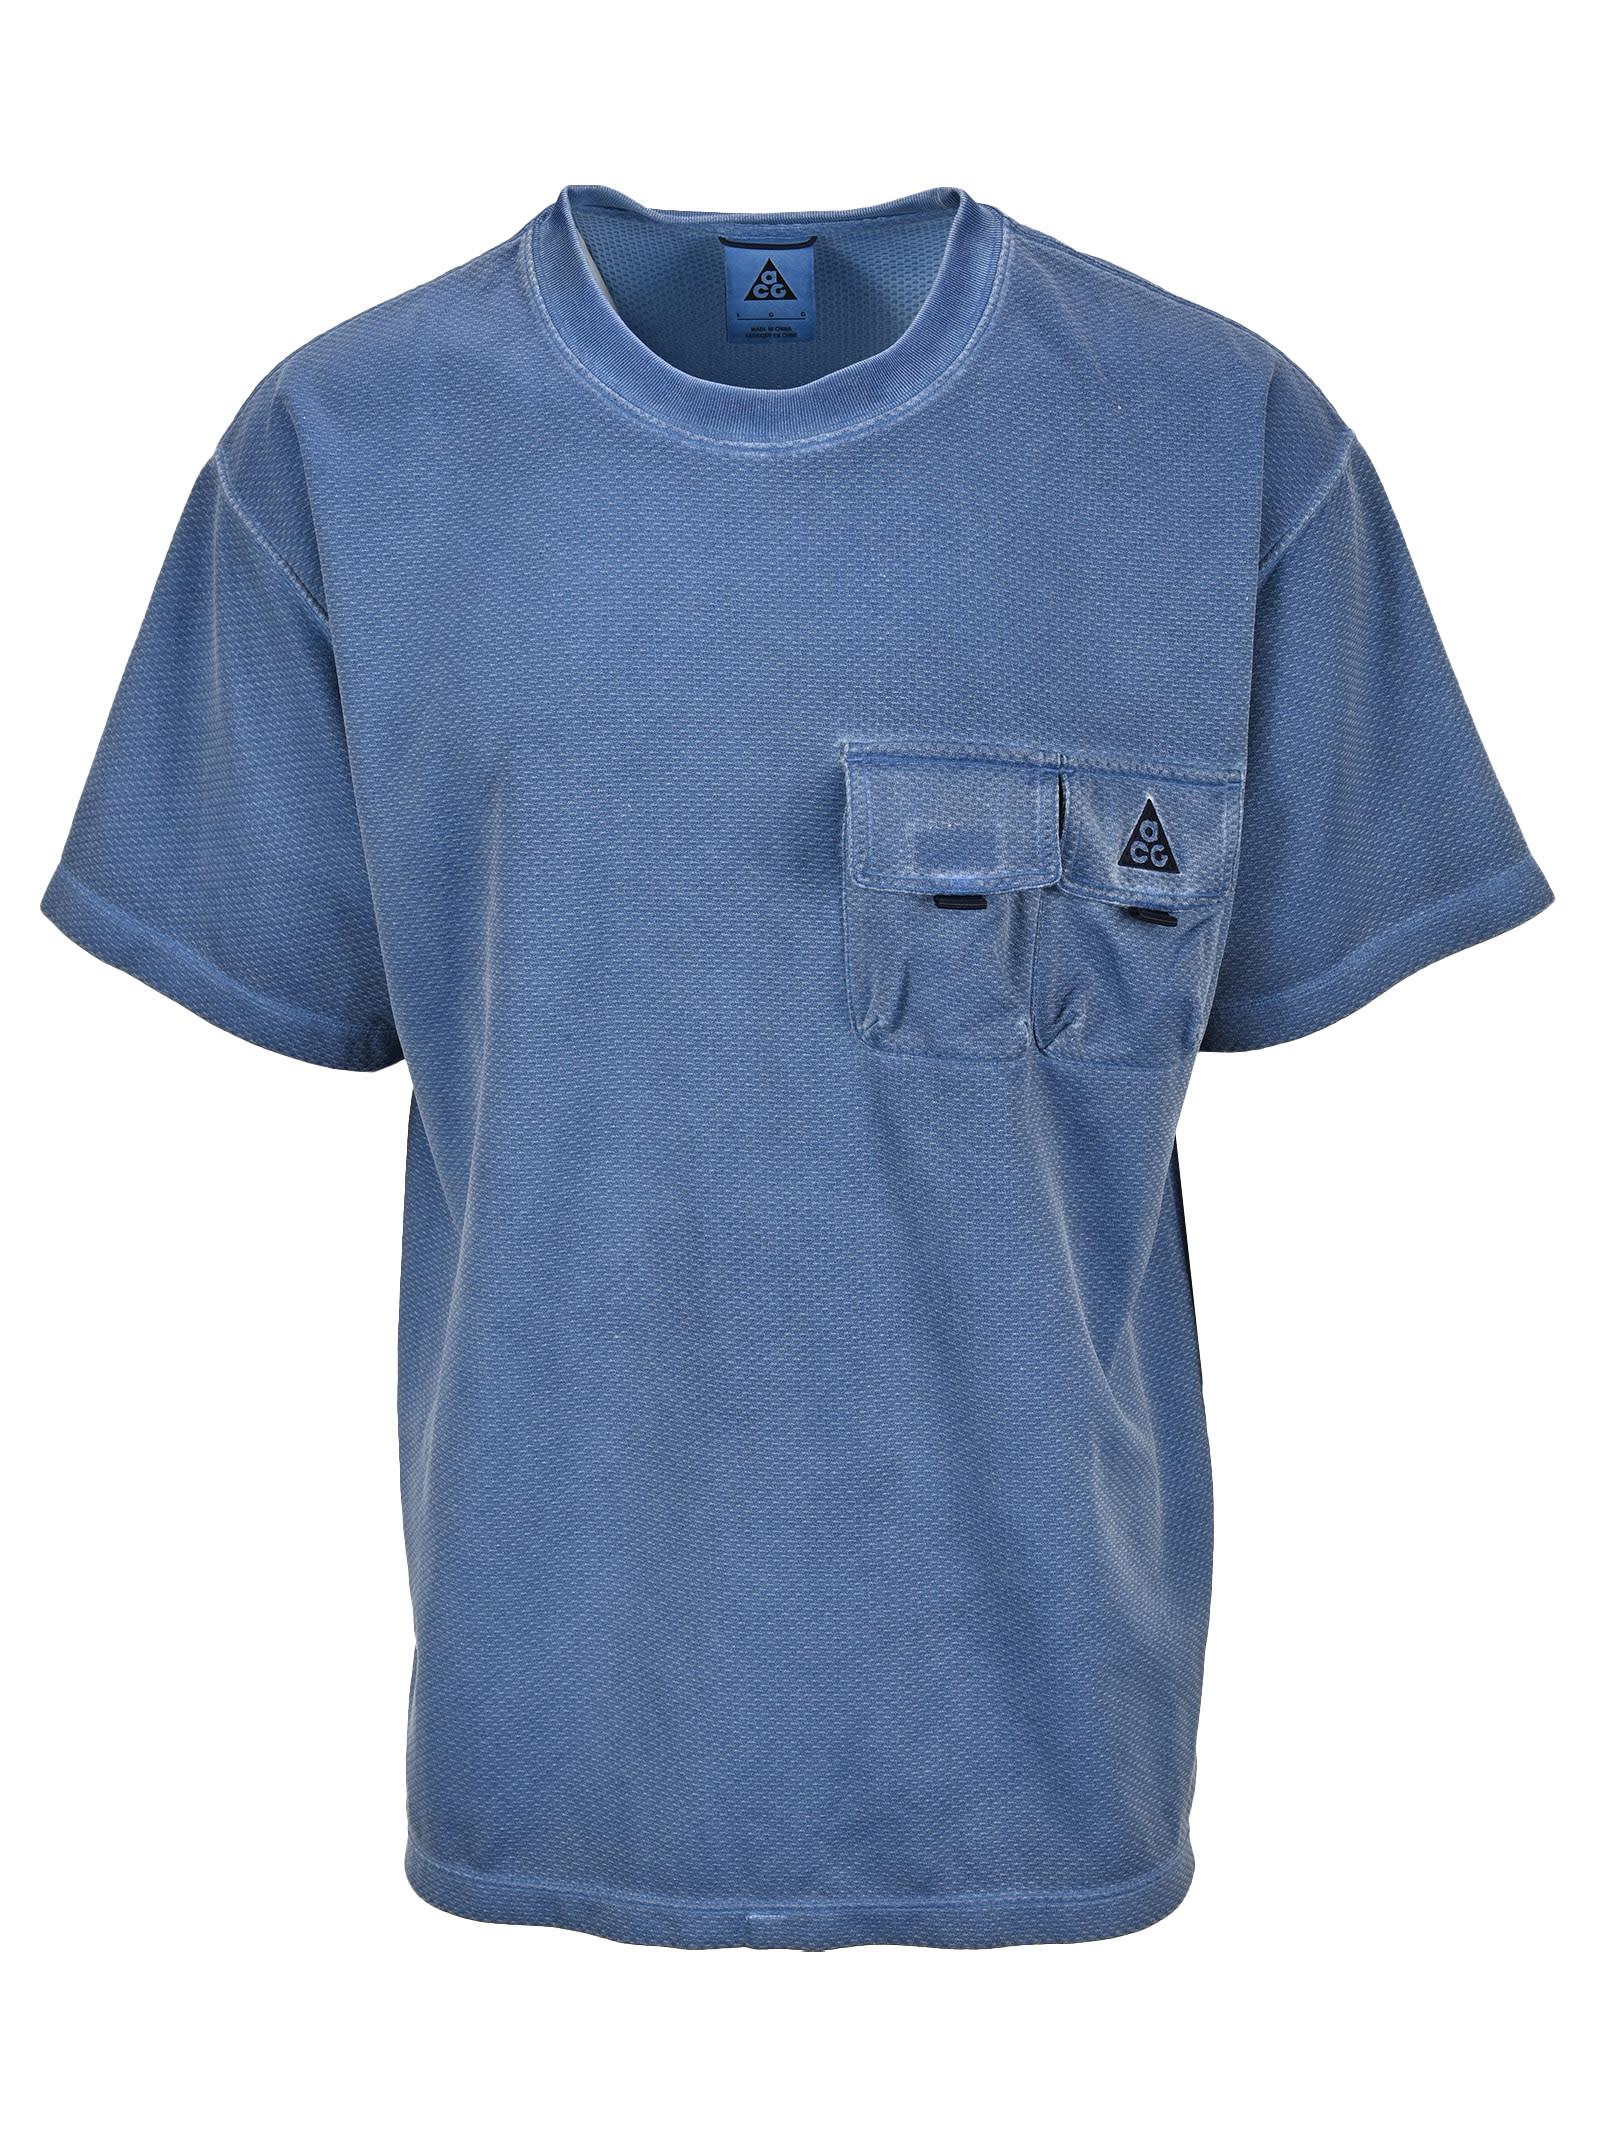 Nike T-shirts SP ACG WATCHMAN PEAK T-SHIRT